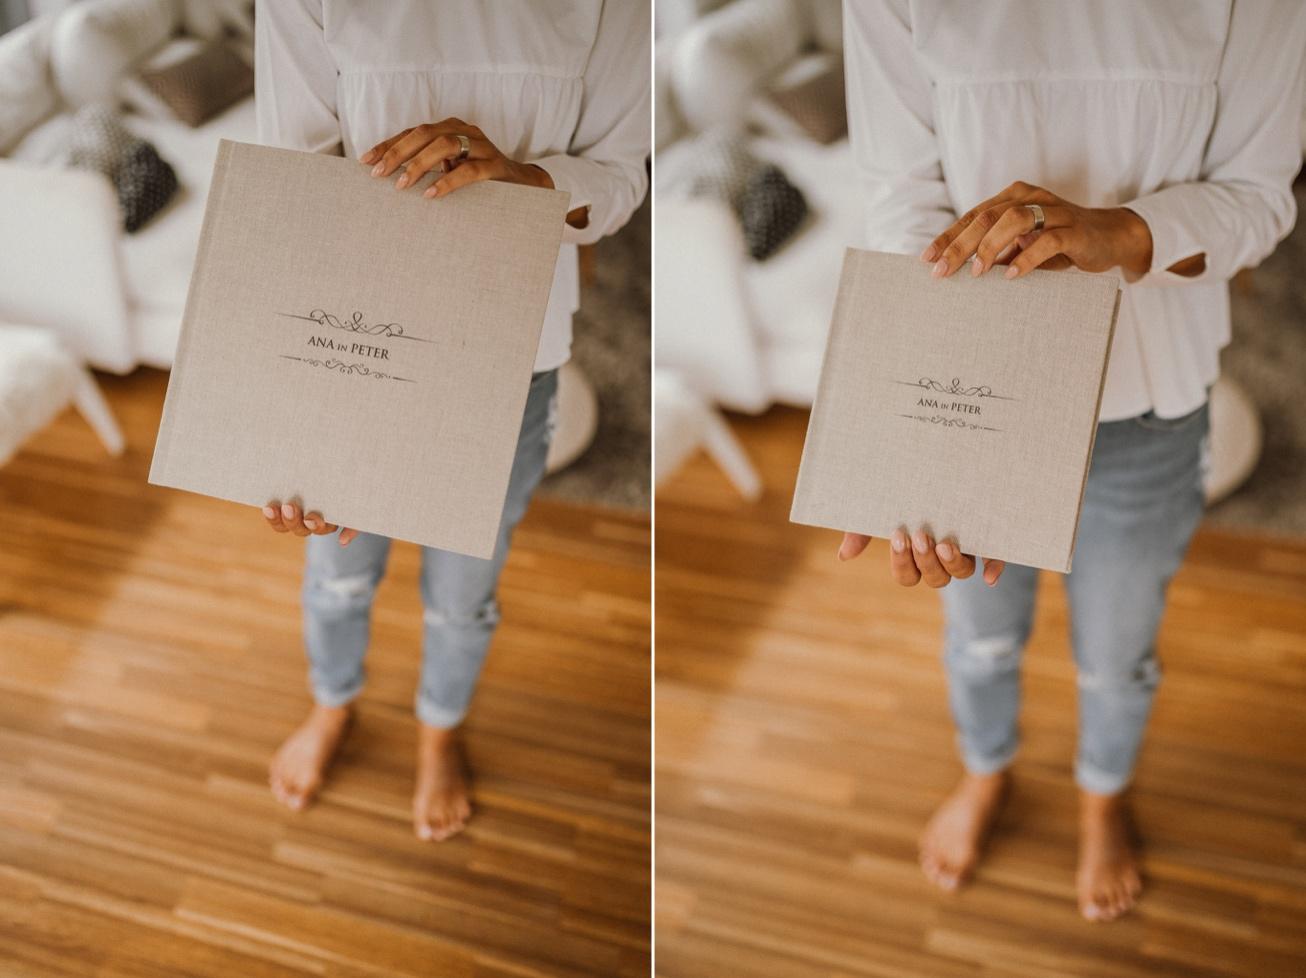 tomaz kos weddings books album prints 10